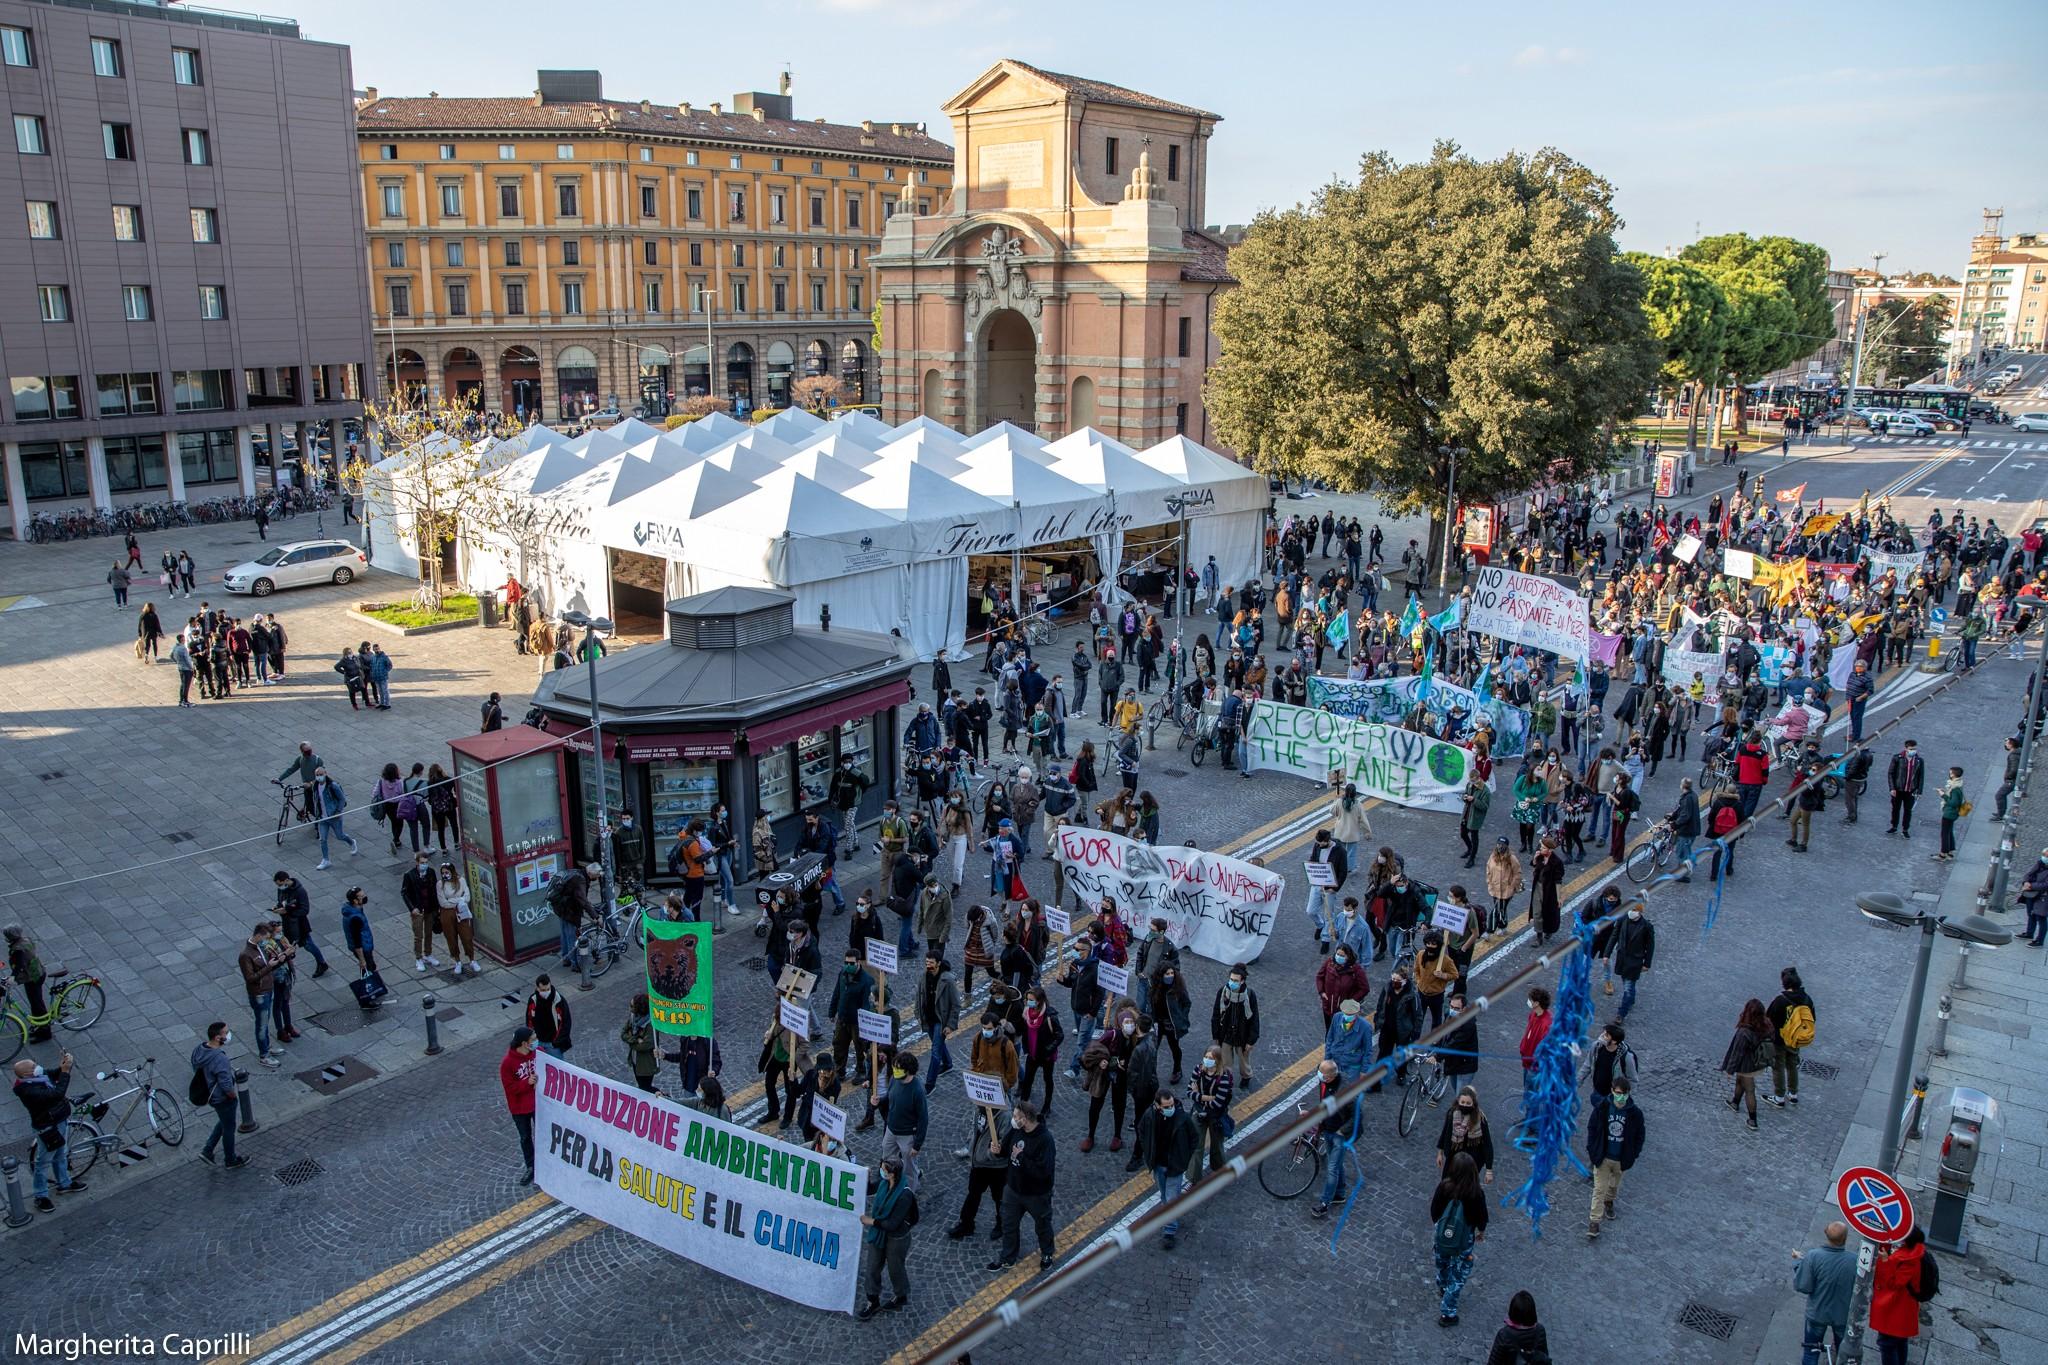 """Modificato lo Statuto comunale per attivare l'Assemblea cittadina per il clima. L'intervista a Mauro Bigi, referente del progetto """"Un clima di partecipazione"""""""